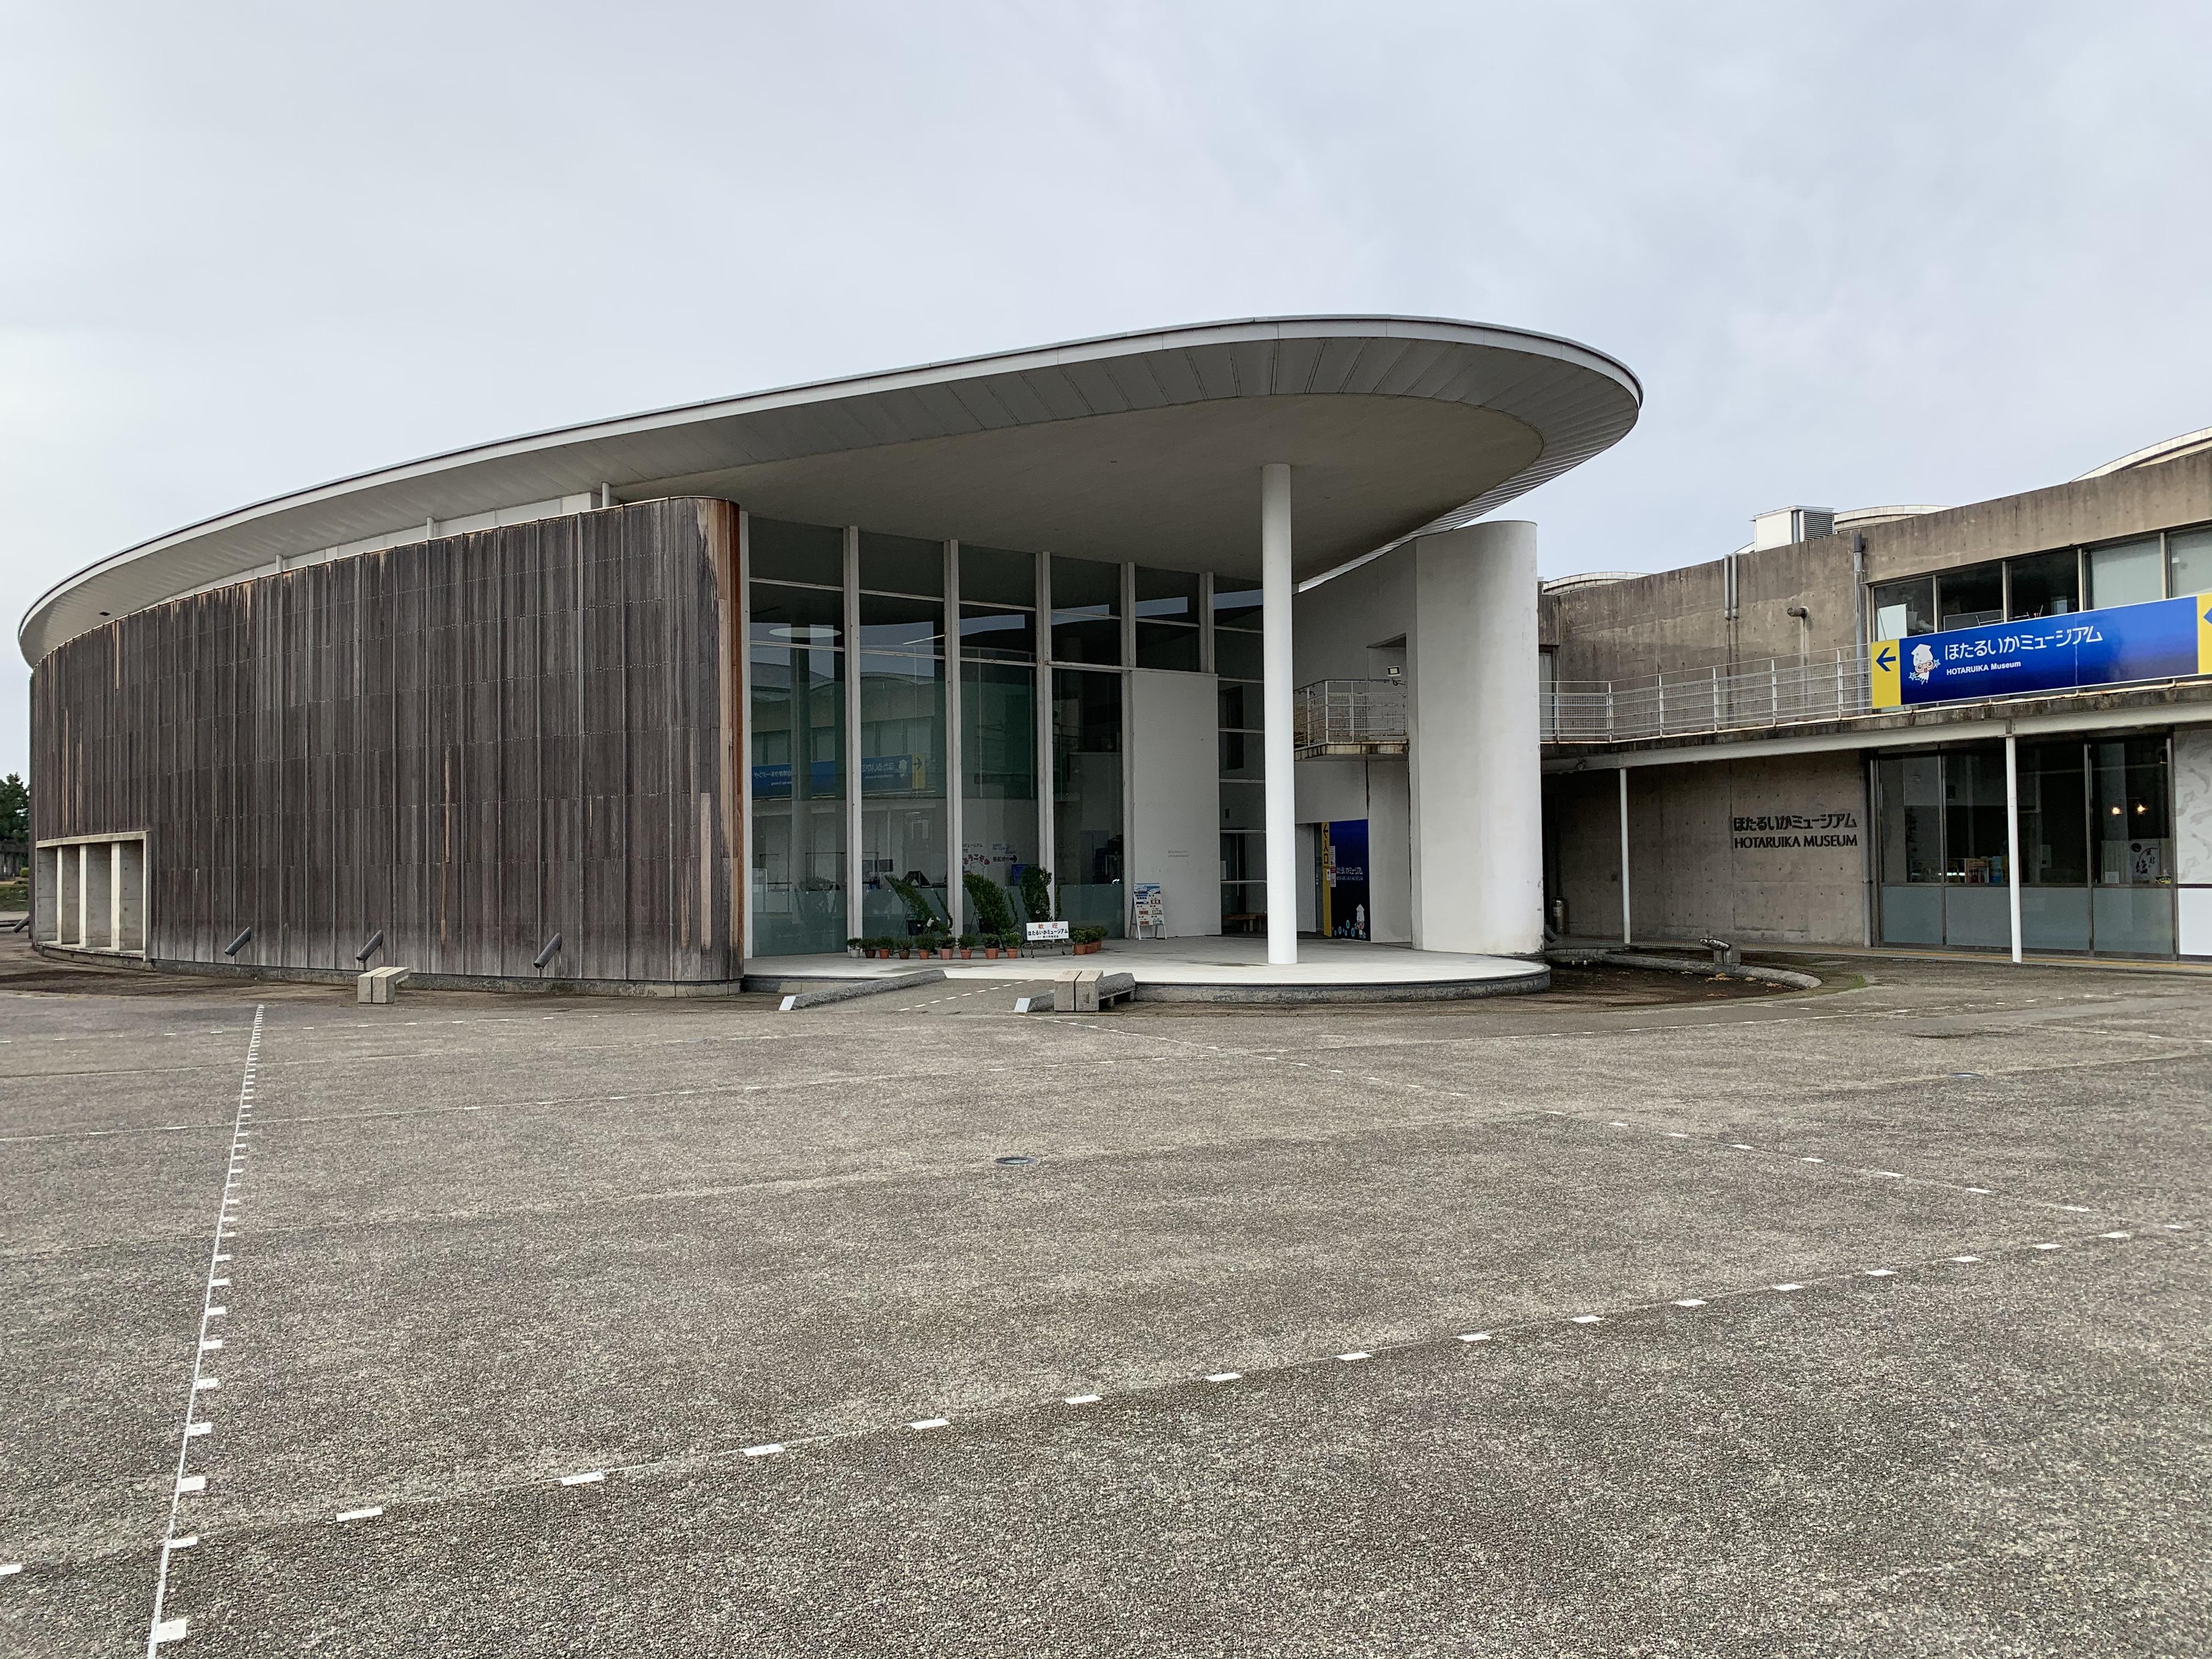 滑川市 - Wikipedia